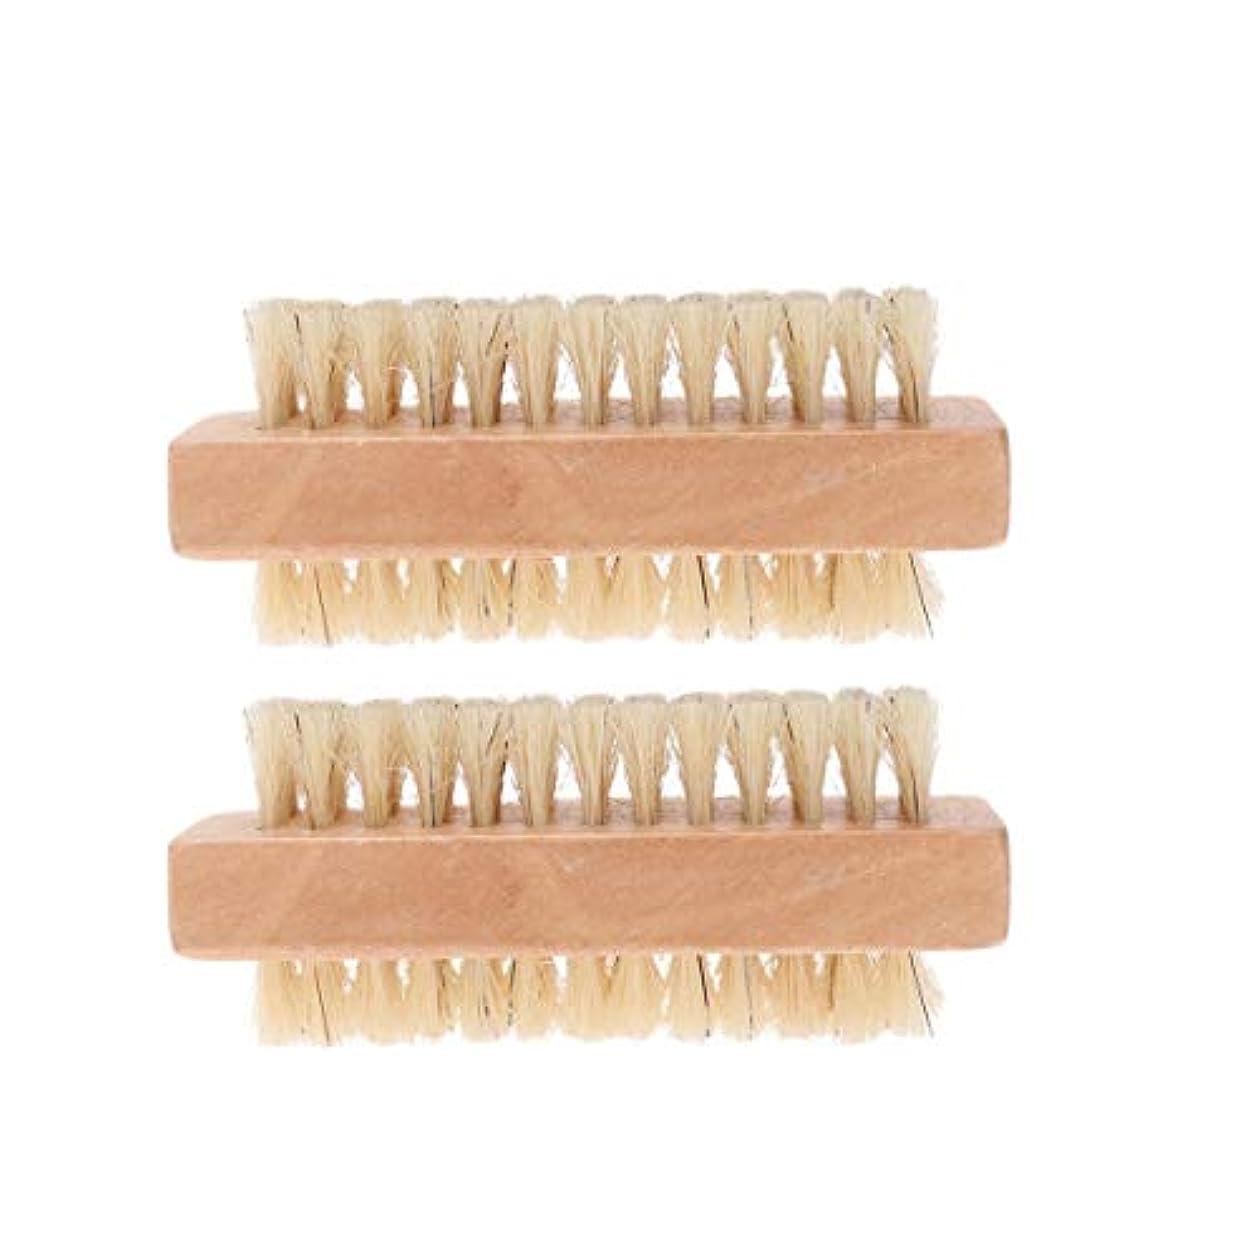 最小化するヘルパー電極Lurrose 2ピースネイルブラシ両面ポータブル耐久性マニキュアブラシネイルクリーニングブラシ毛ブラシホームサロン用